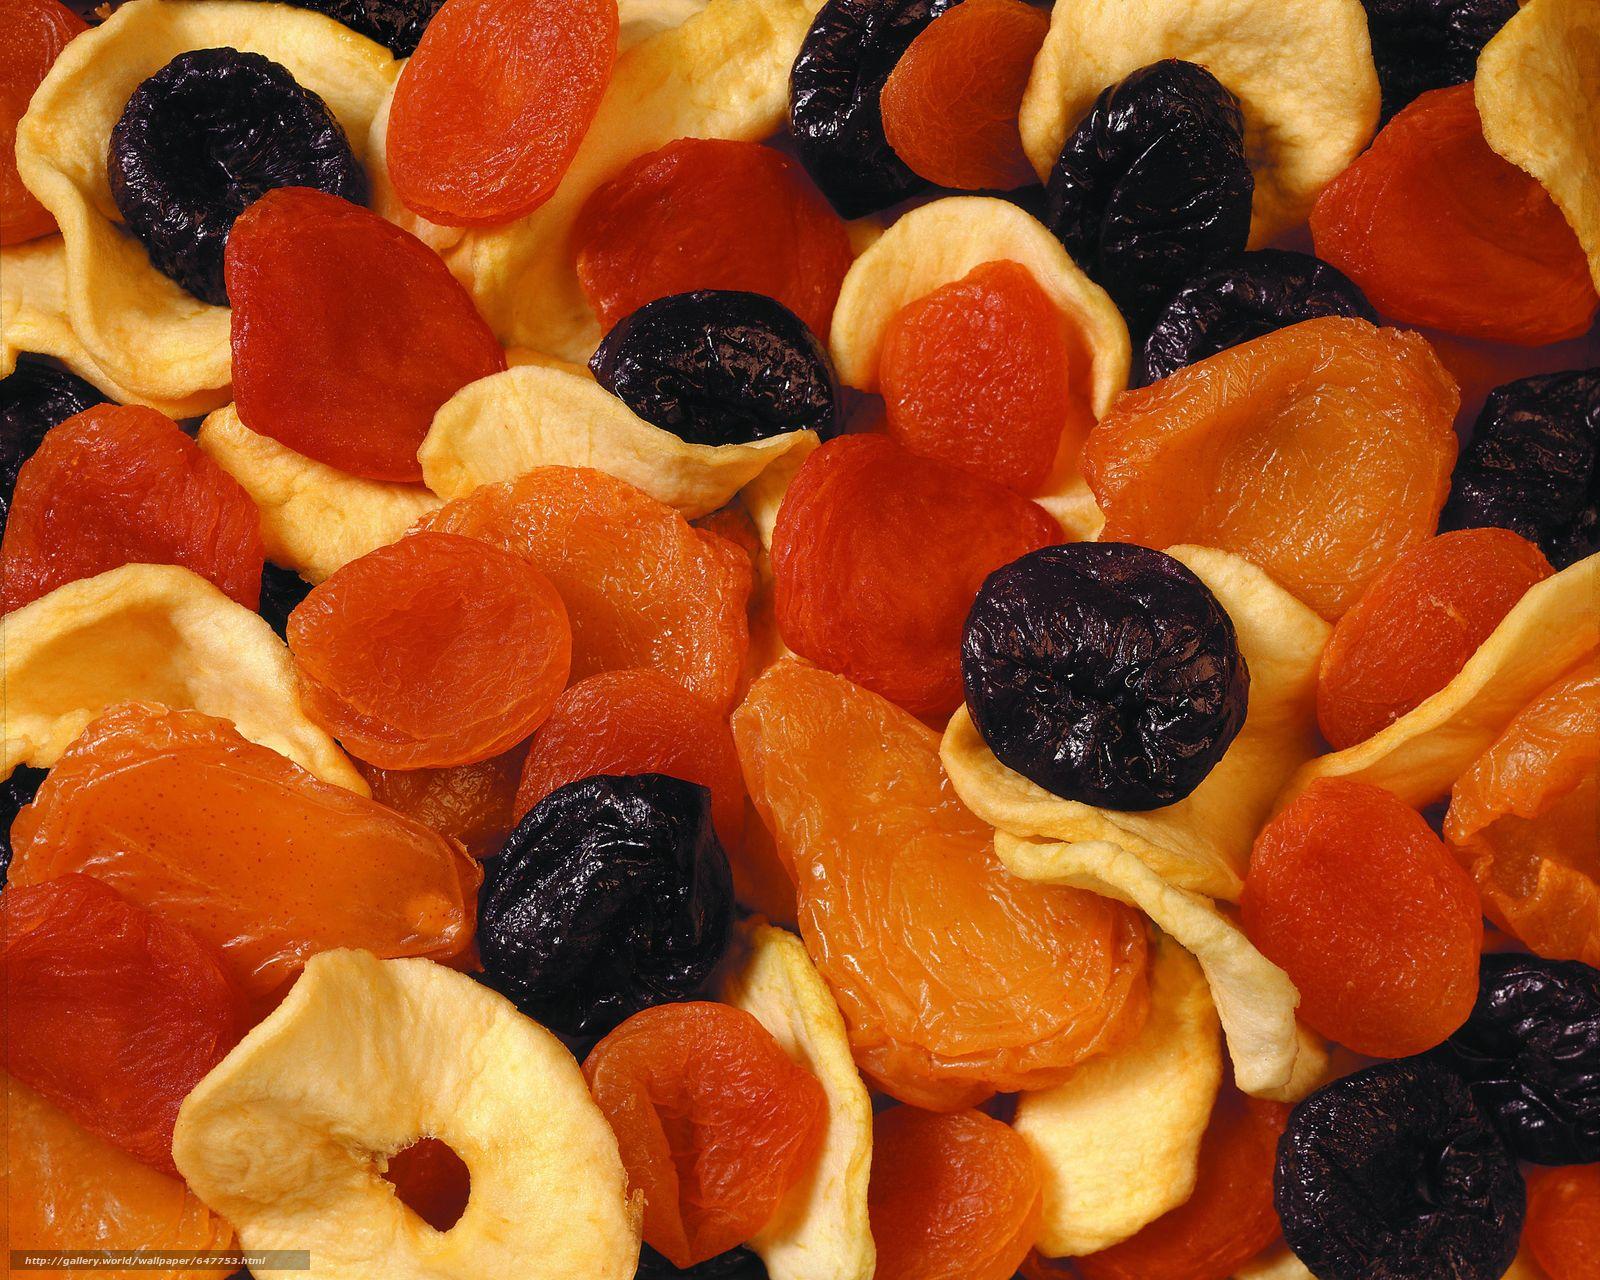 Скачать обои еда,  текстура,  фон,  продукты питания бесплатно для рабочего стола в разрешении 3616x2892 — картинка №647753